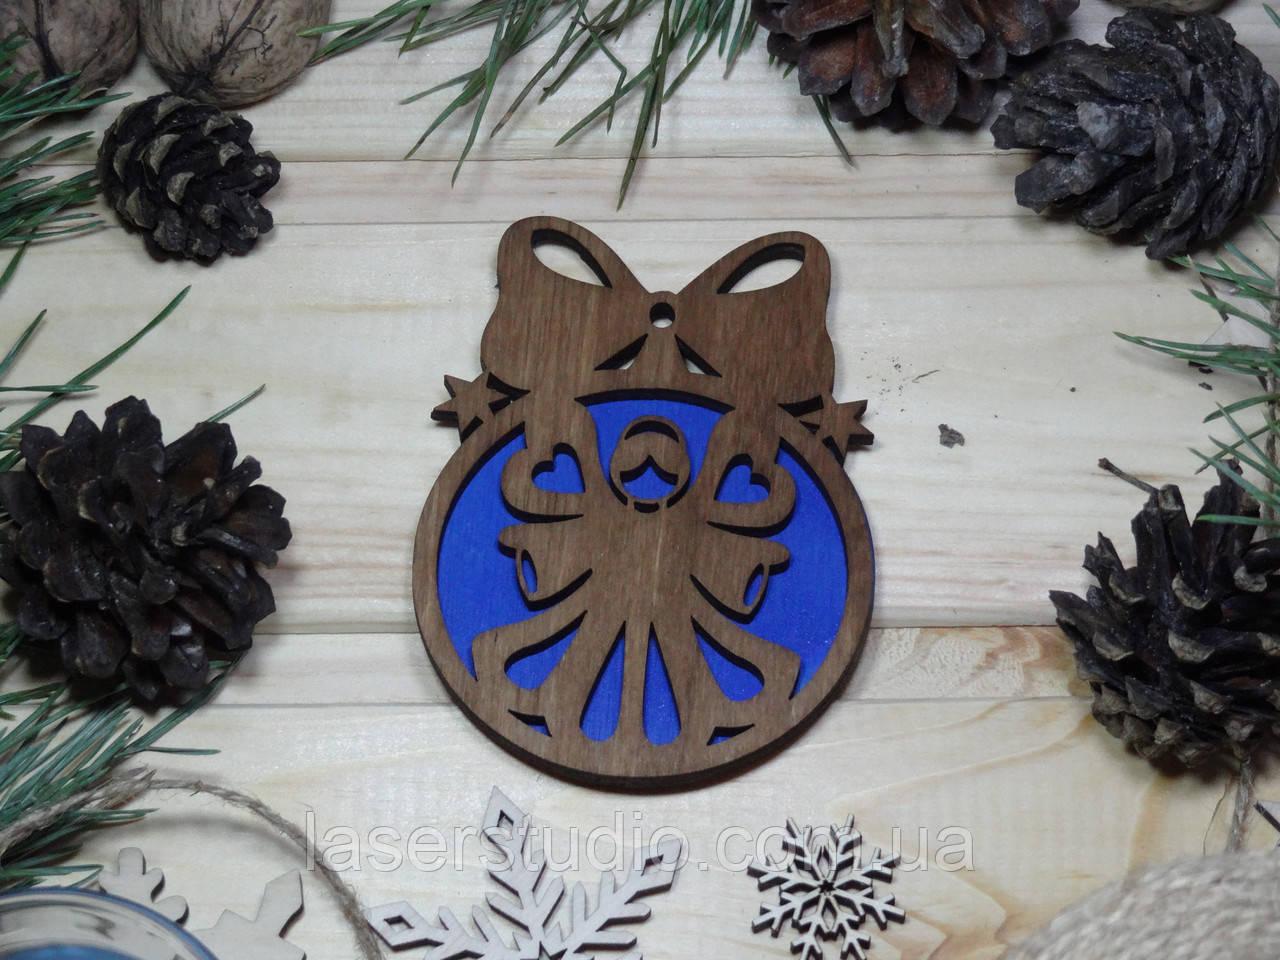 Деревянное елочное украшение Тонированное Ангел №53 с Бантиком с Синим фоном